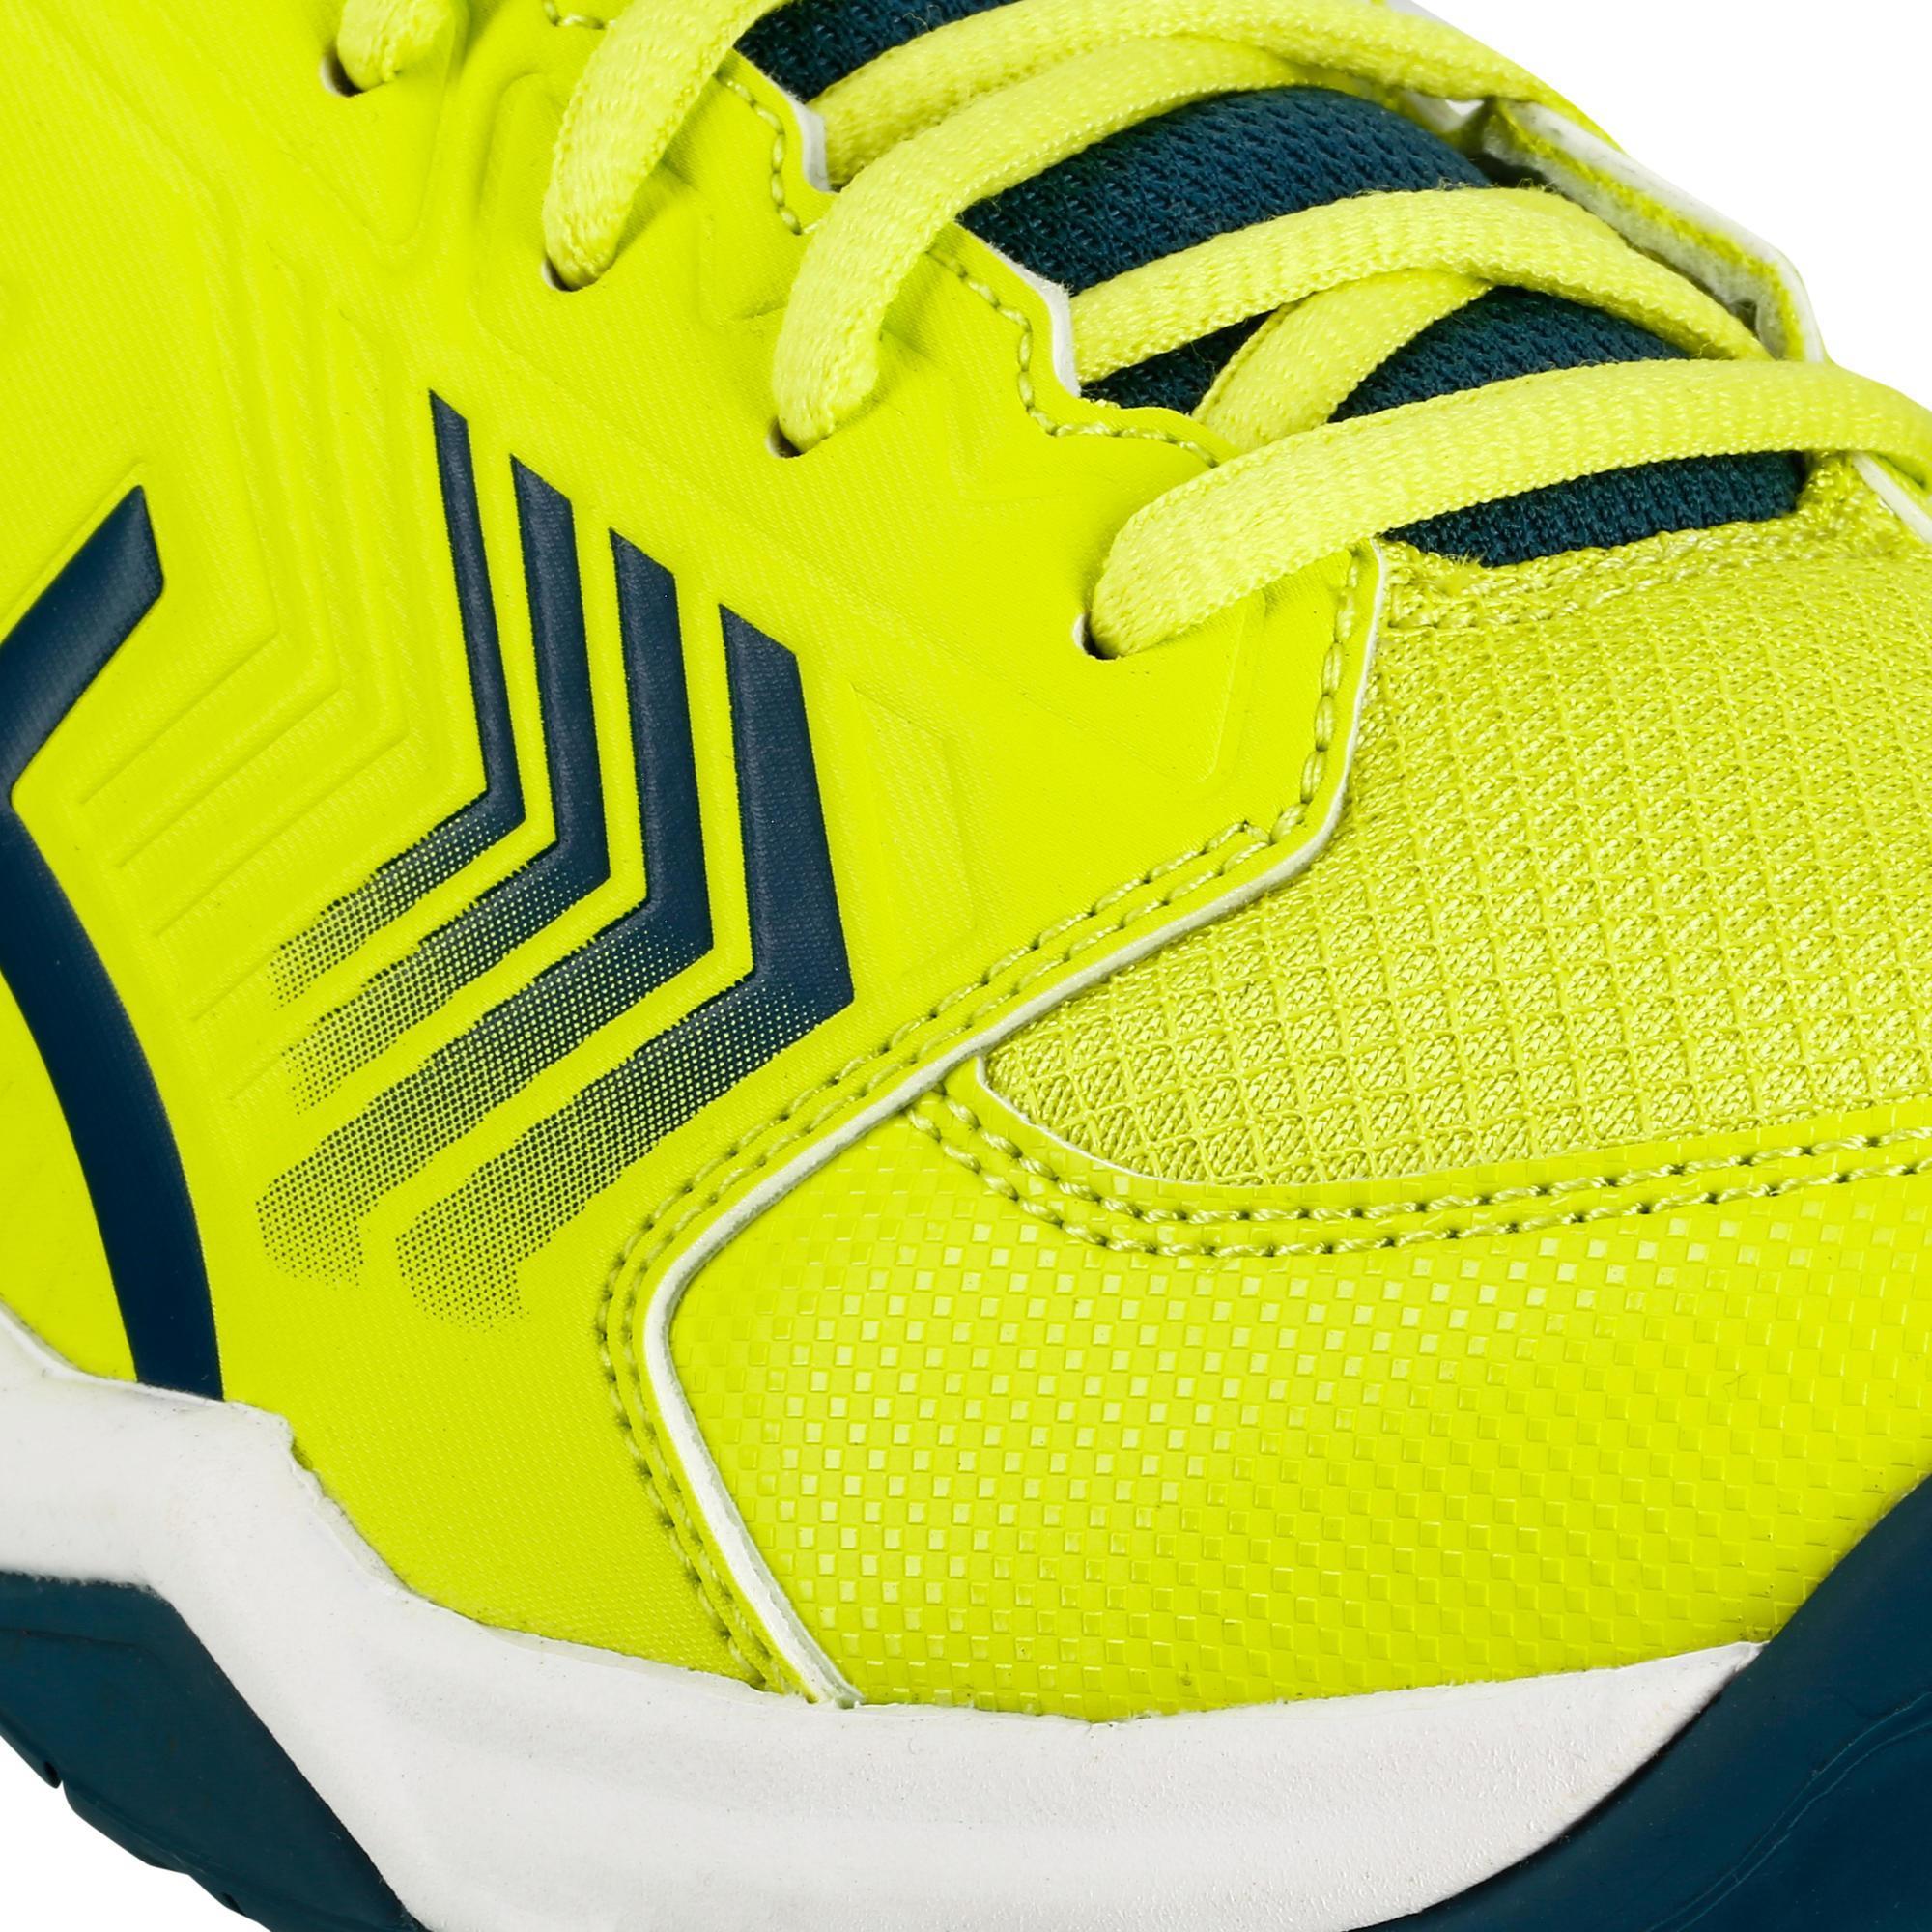 info for dbbb2 9b2e4 Decathlon Dedicate Tennis De Gel Chaussure Asics Jaune Homme EXg0qpn8w